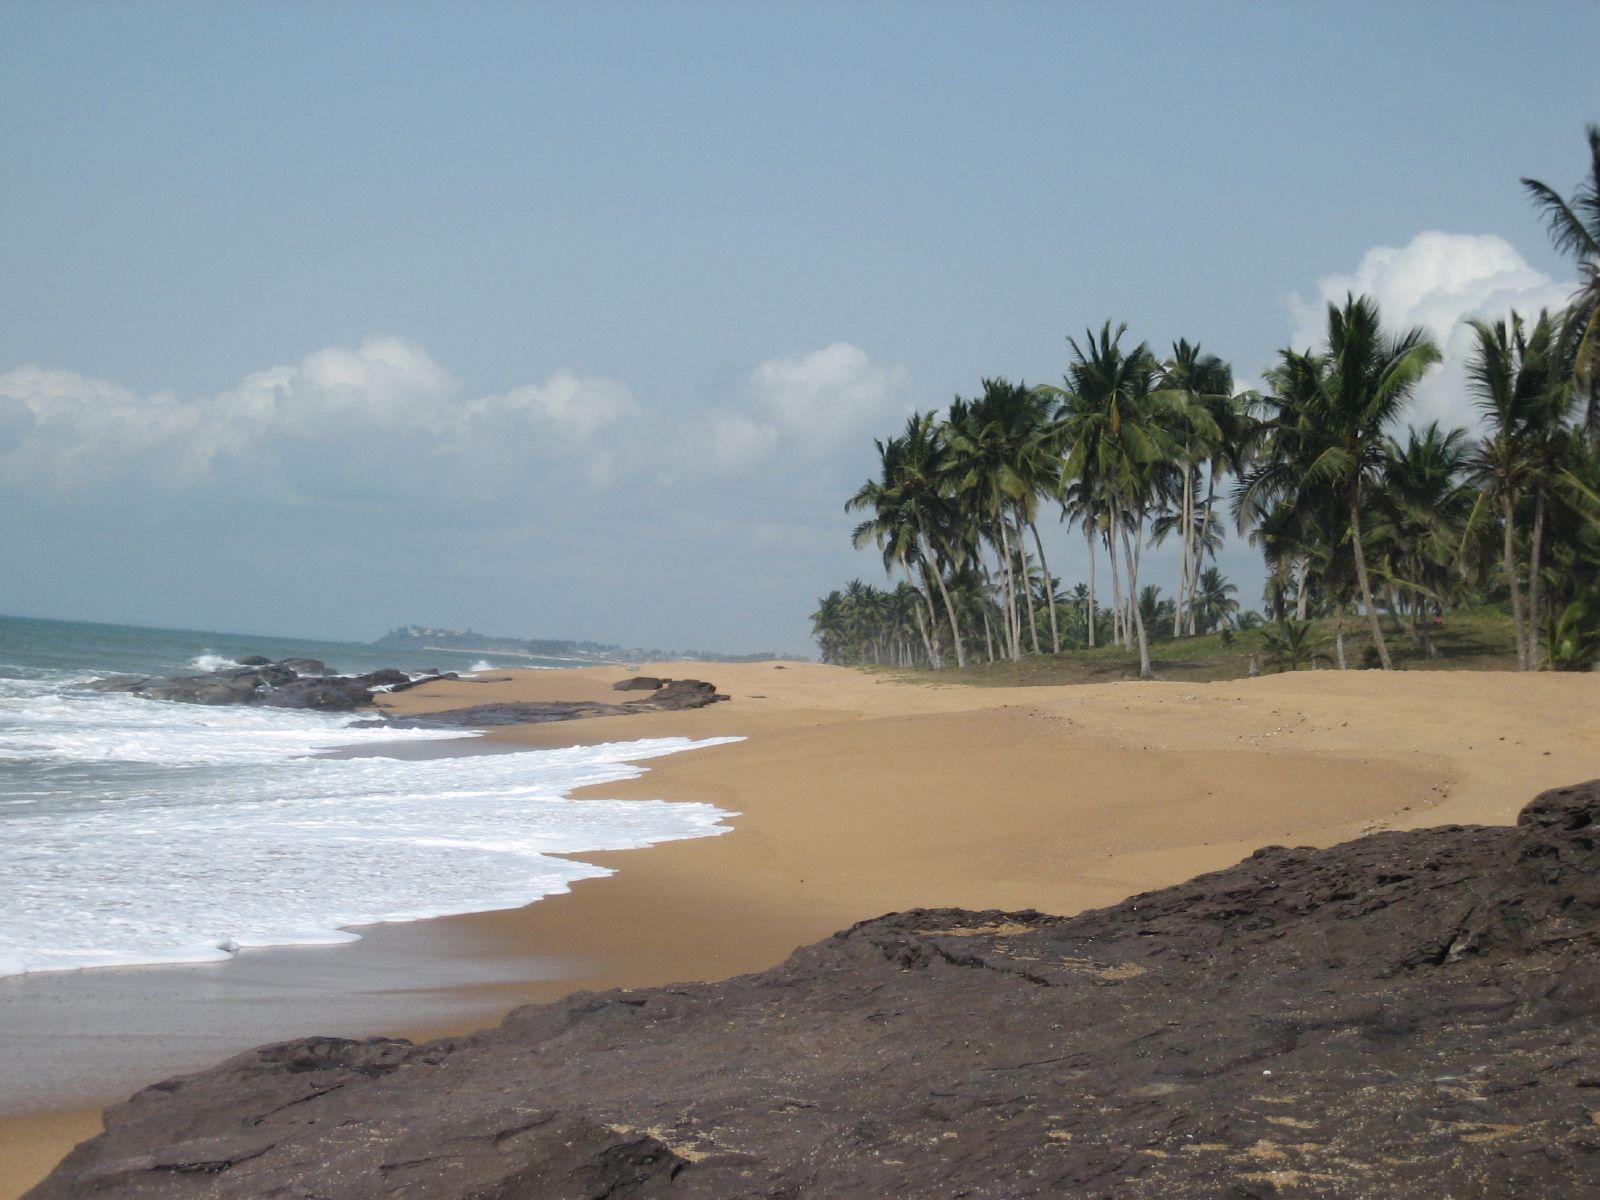 Beach_with_palms_Ghana